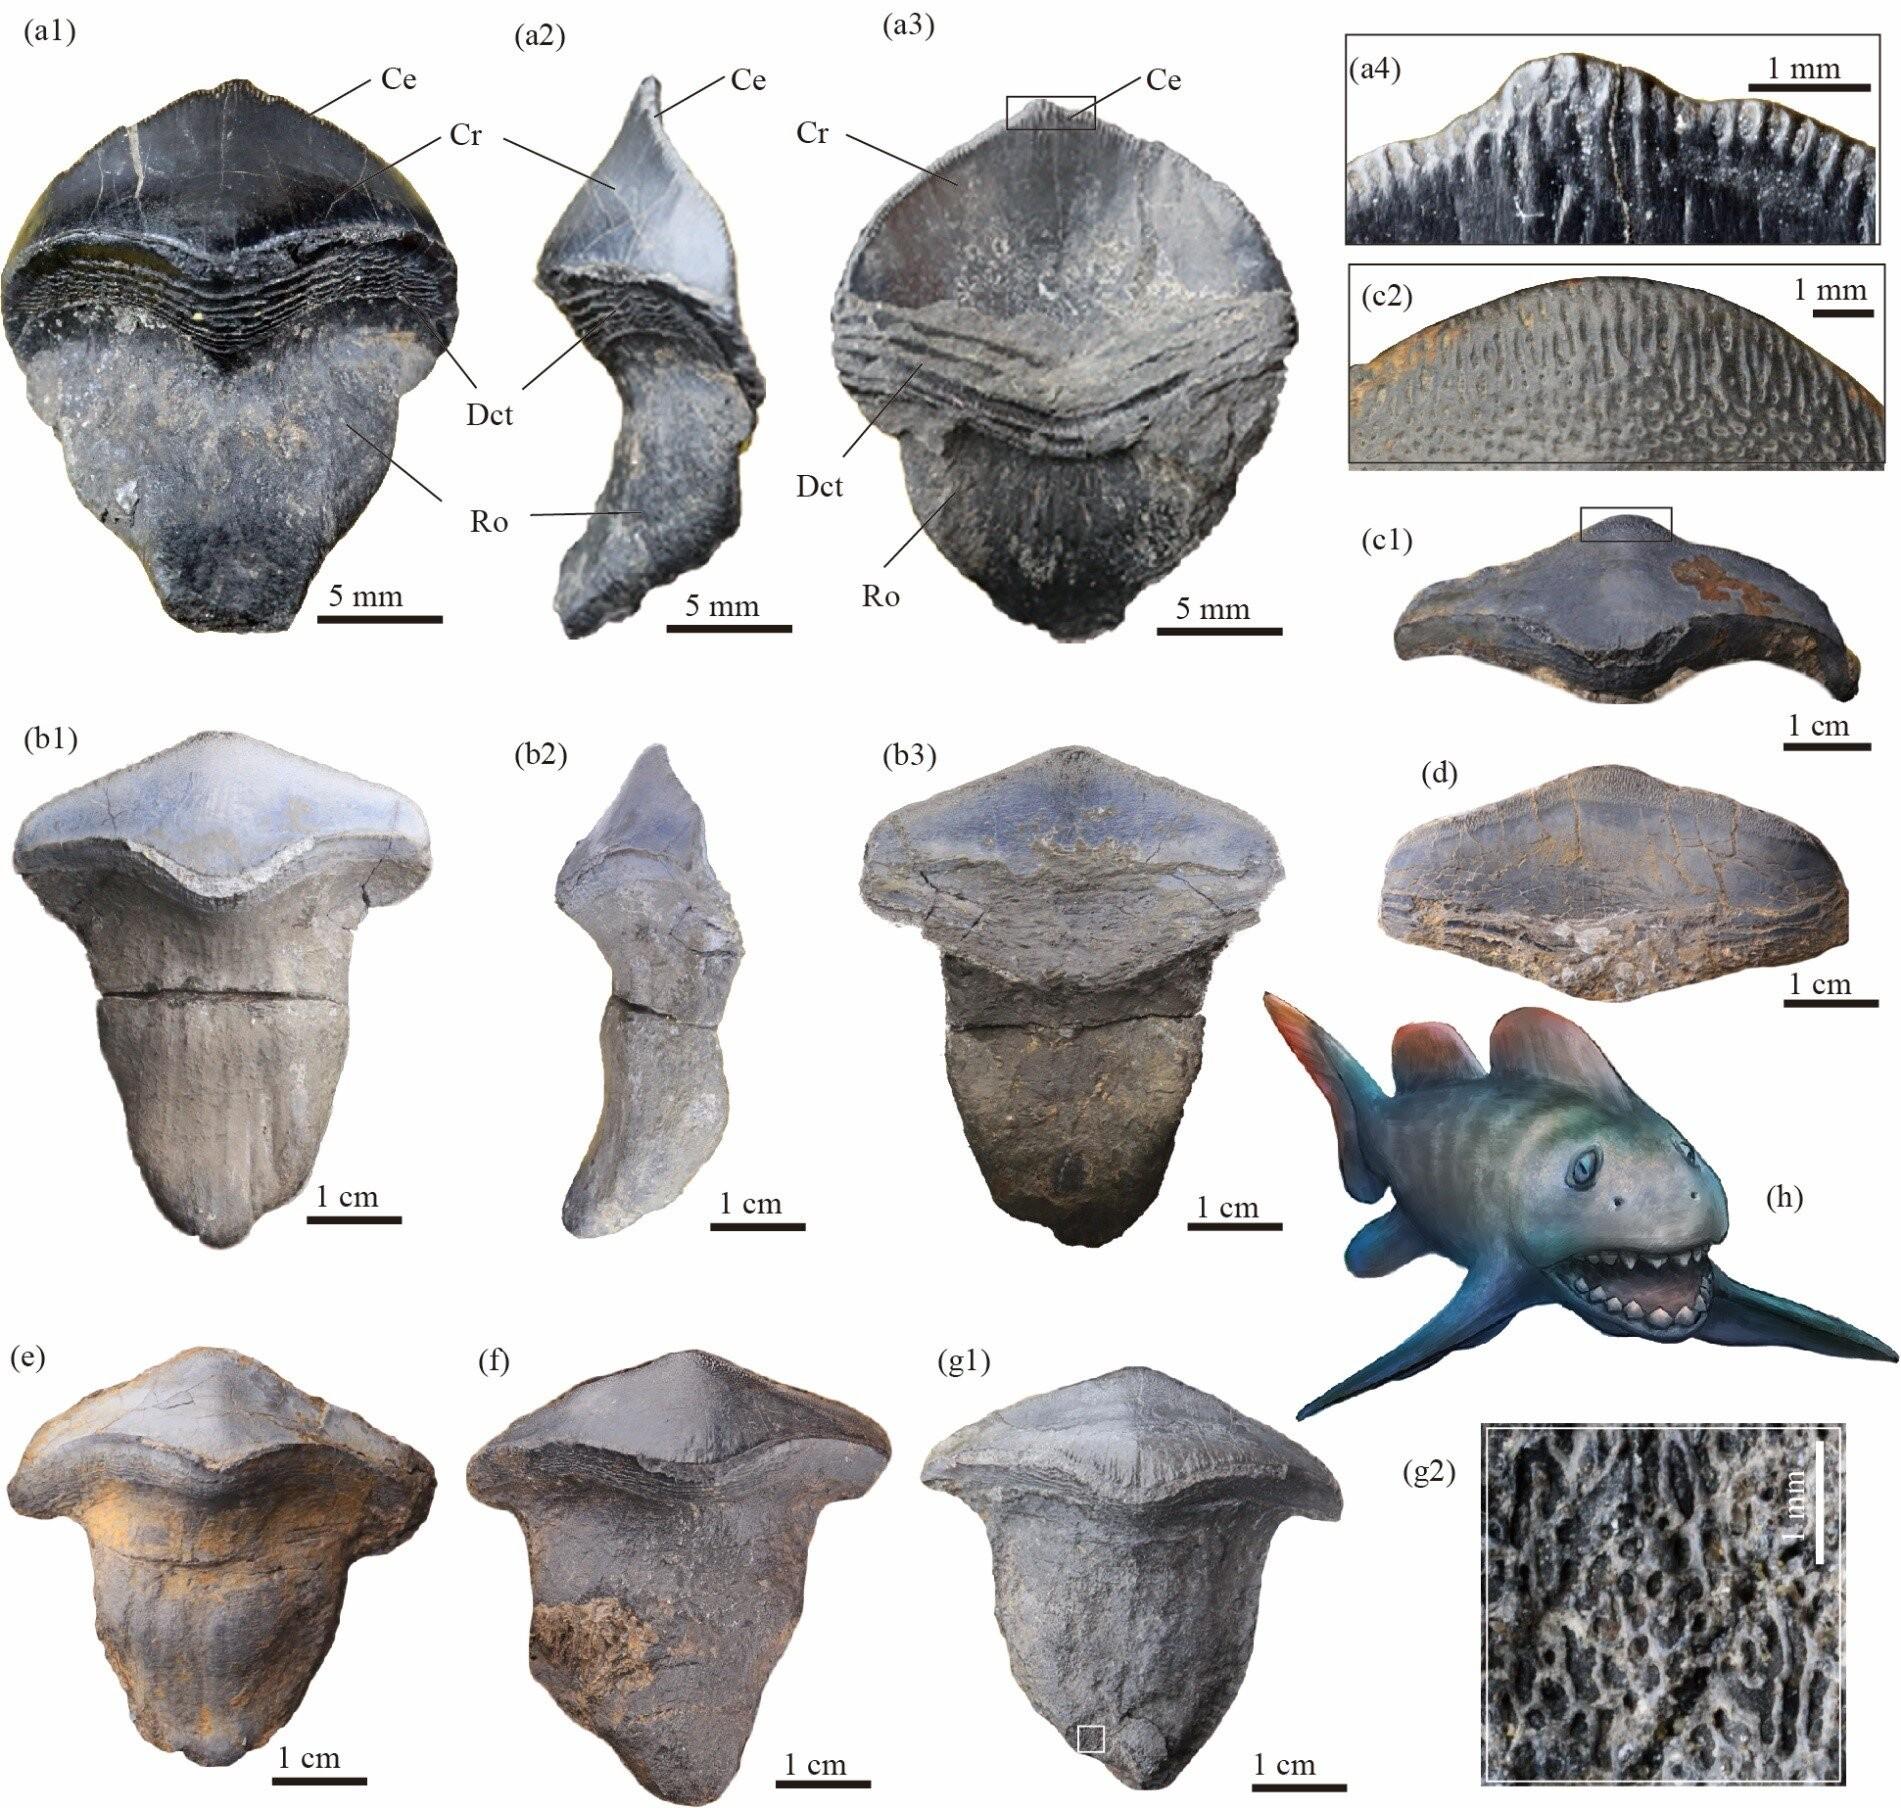 Fotografias e restauração de Petalodus ohioensis (Foto: GAI Zhikun and YANG Dinghua)